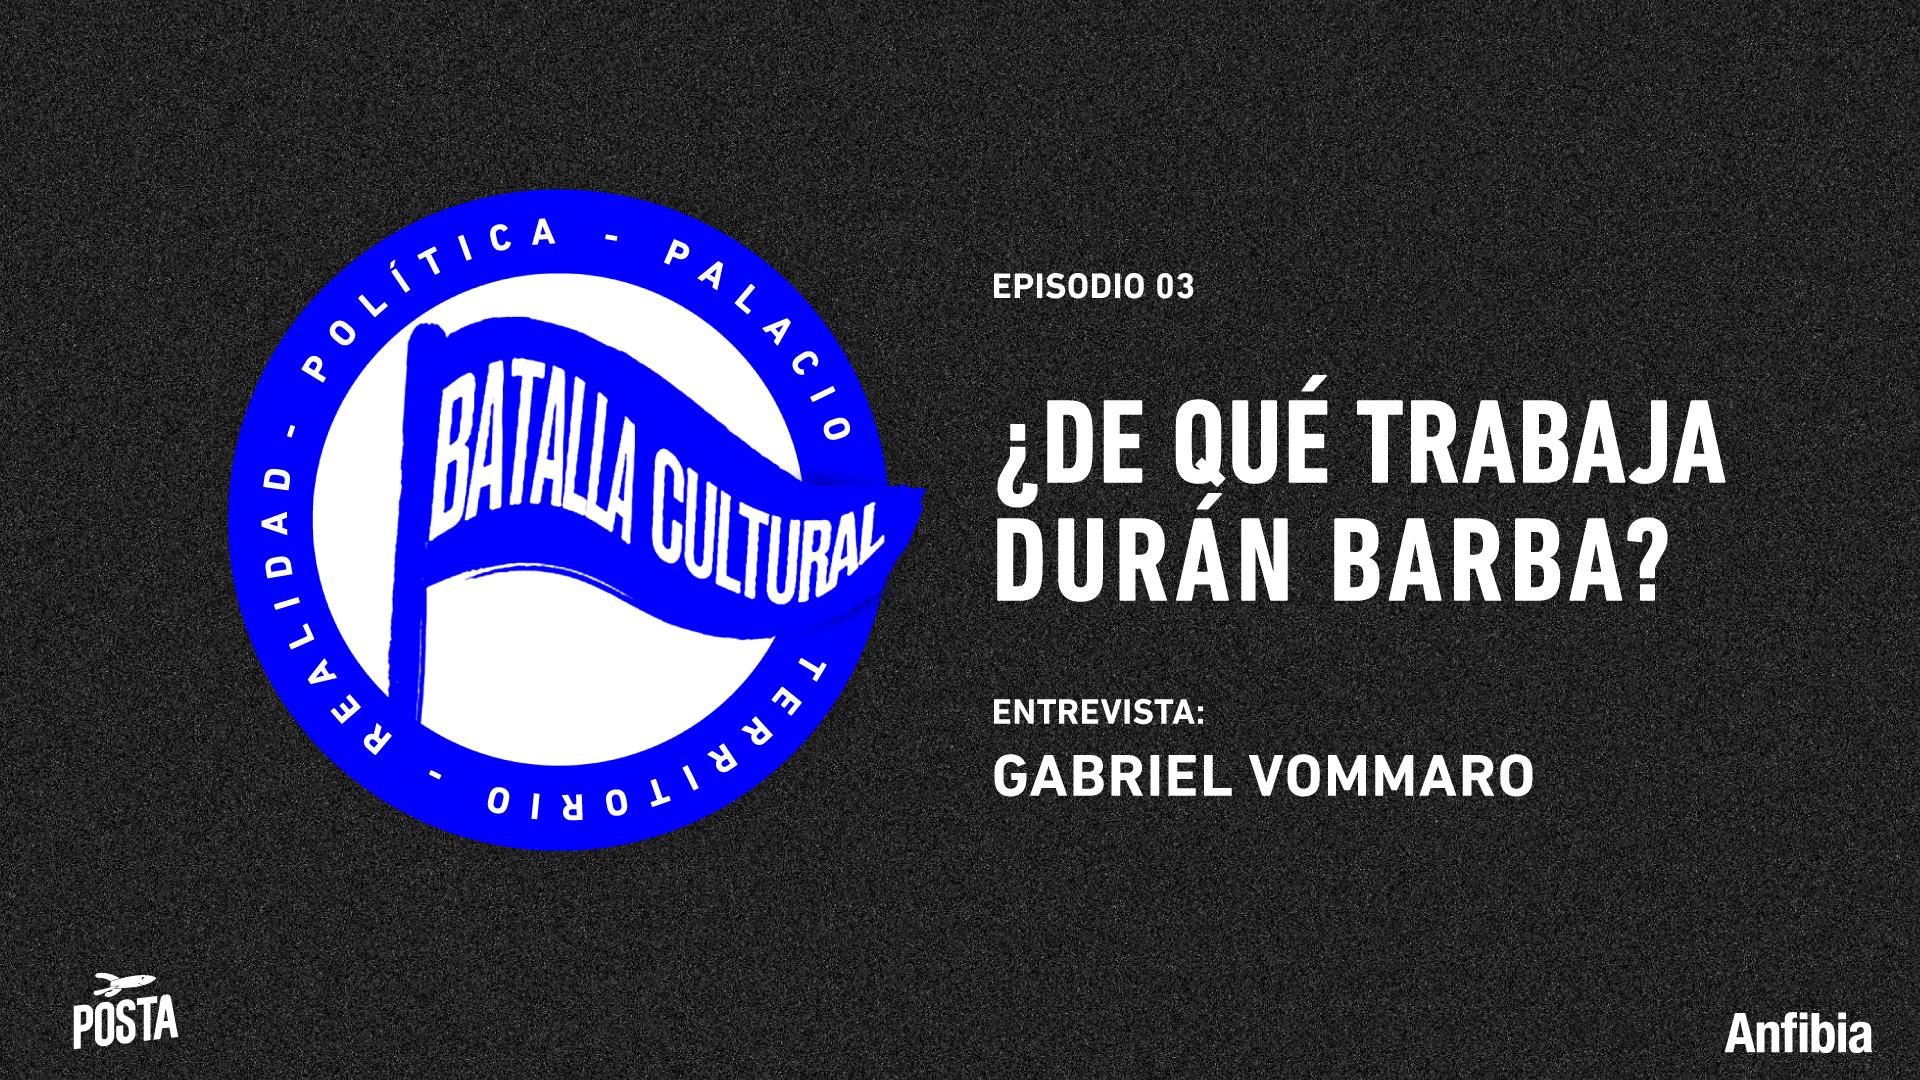 Batalla-Cultural_episodio_03_01